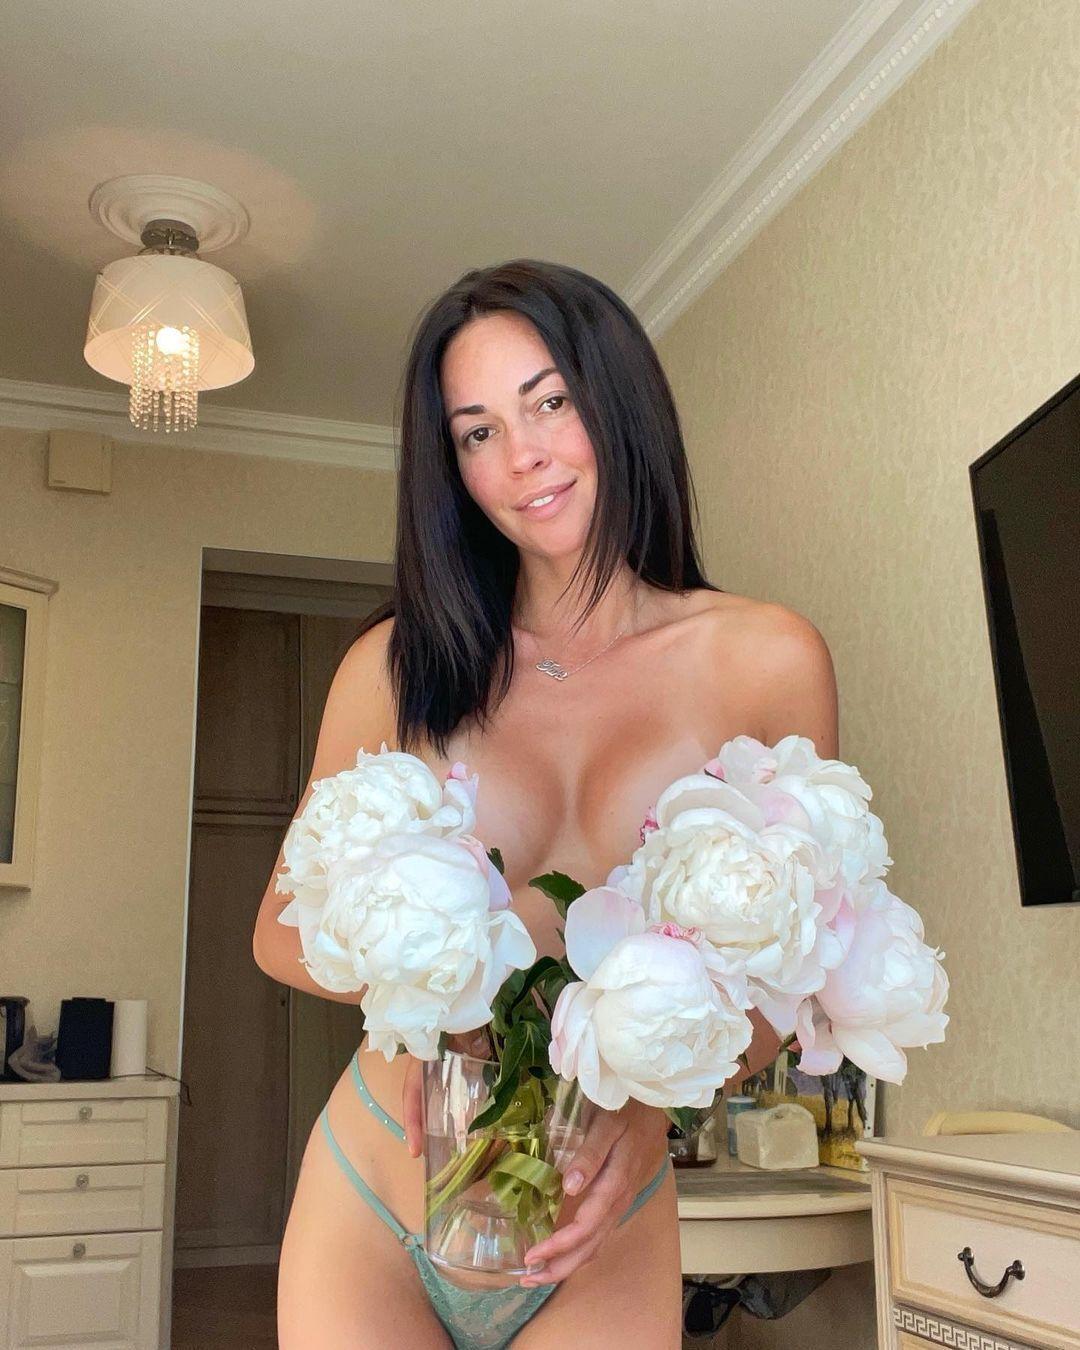 Анастасія Тукмачова прикрила груди квітами